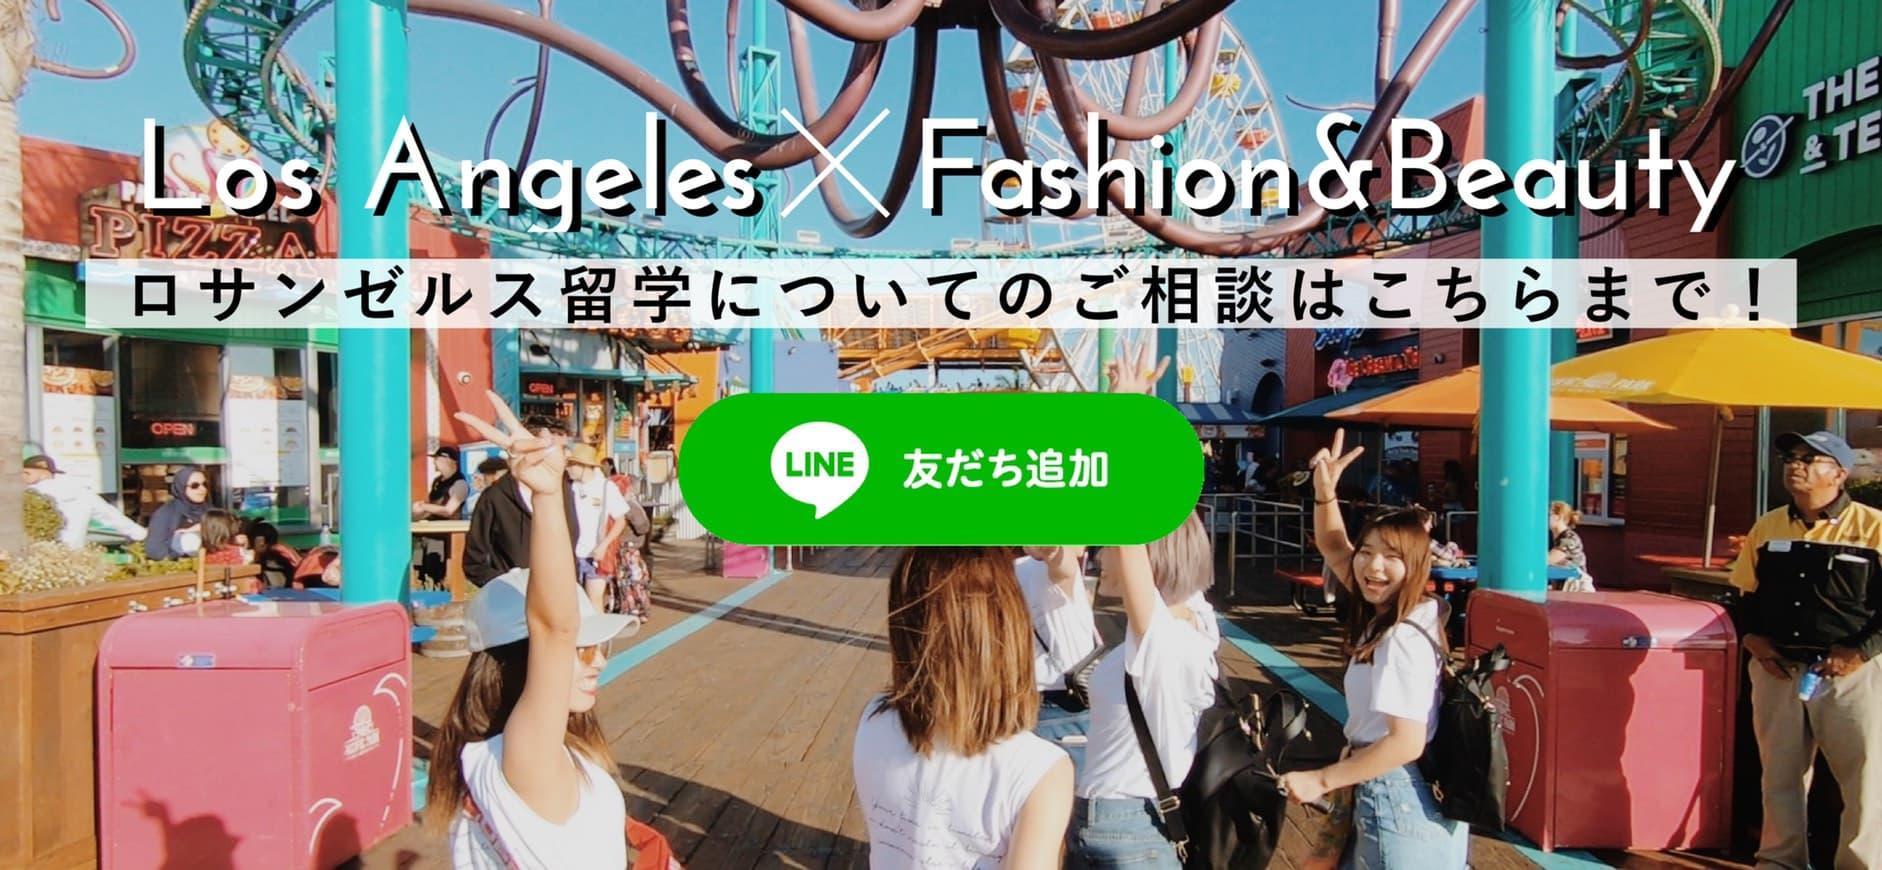 ロサンゼルスファッション留学をもっと手軽に 友達追加